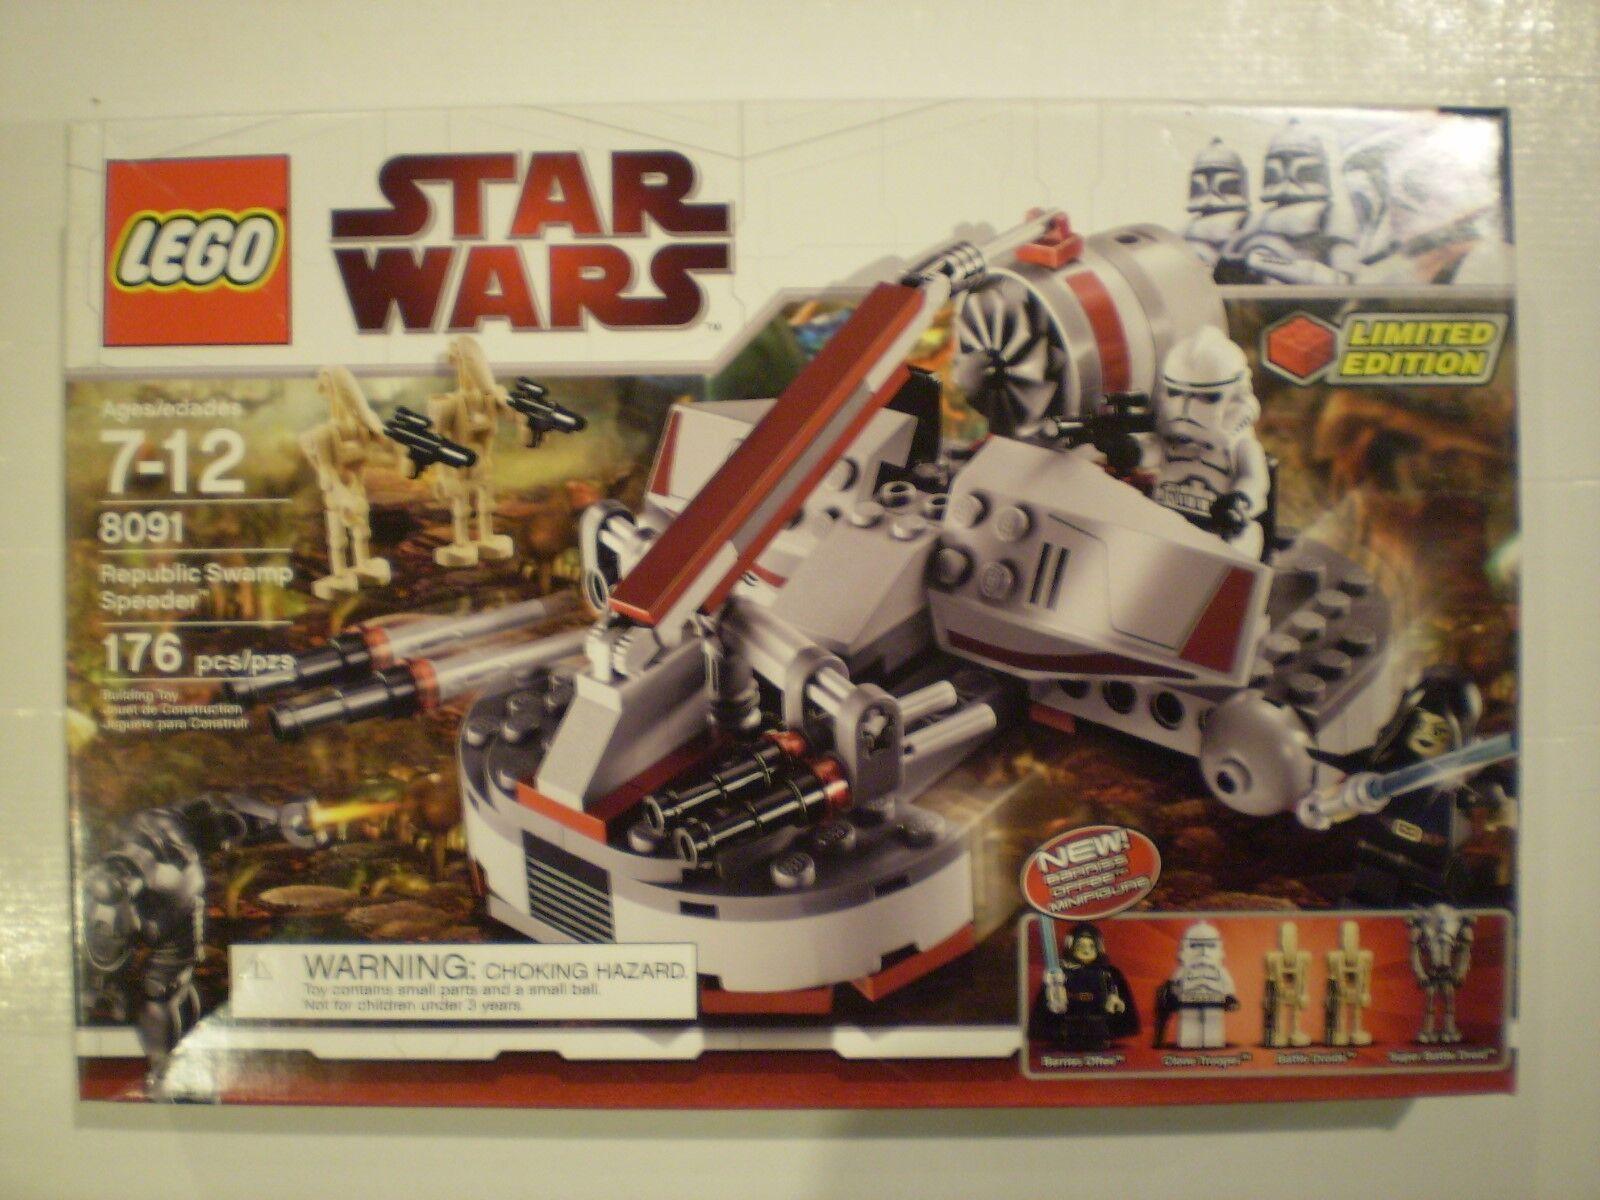 LEGO Star Wars 8091 REPUBLIC SWAMP SPEEDER NISB